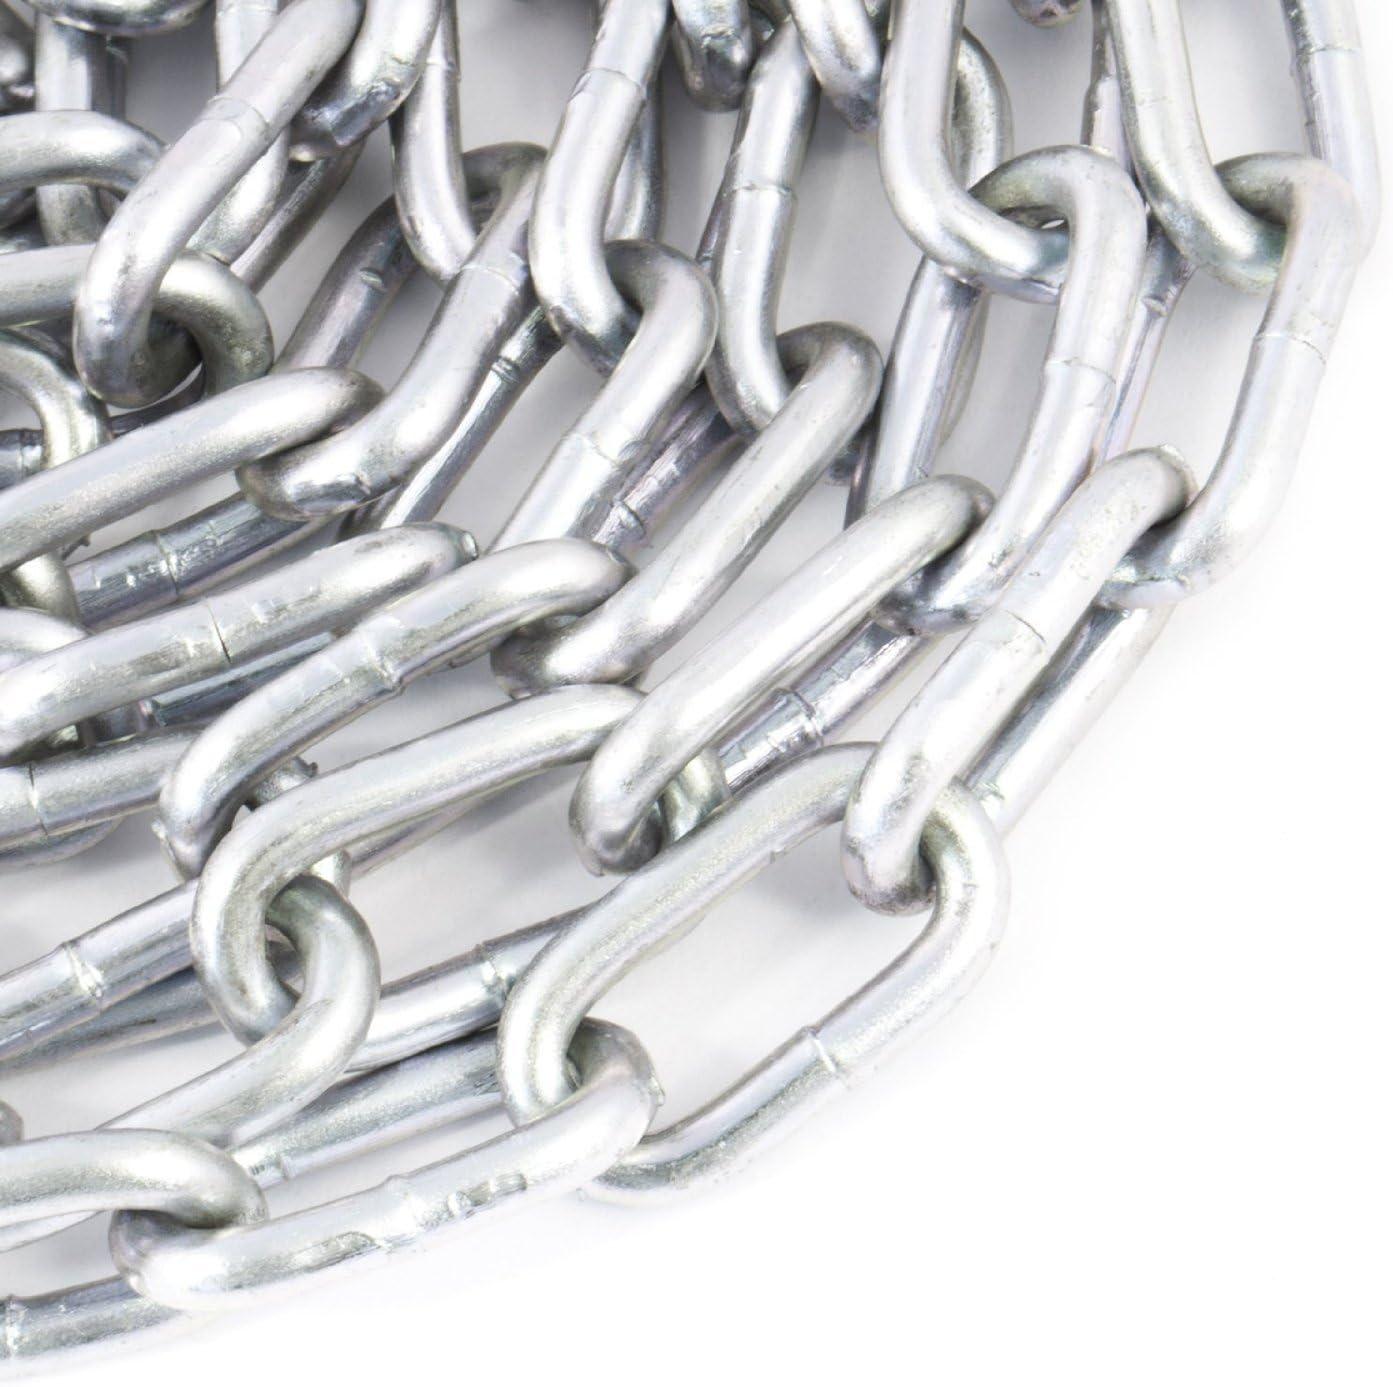 enlace corto Cadena acero galvanizado